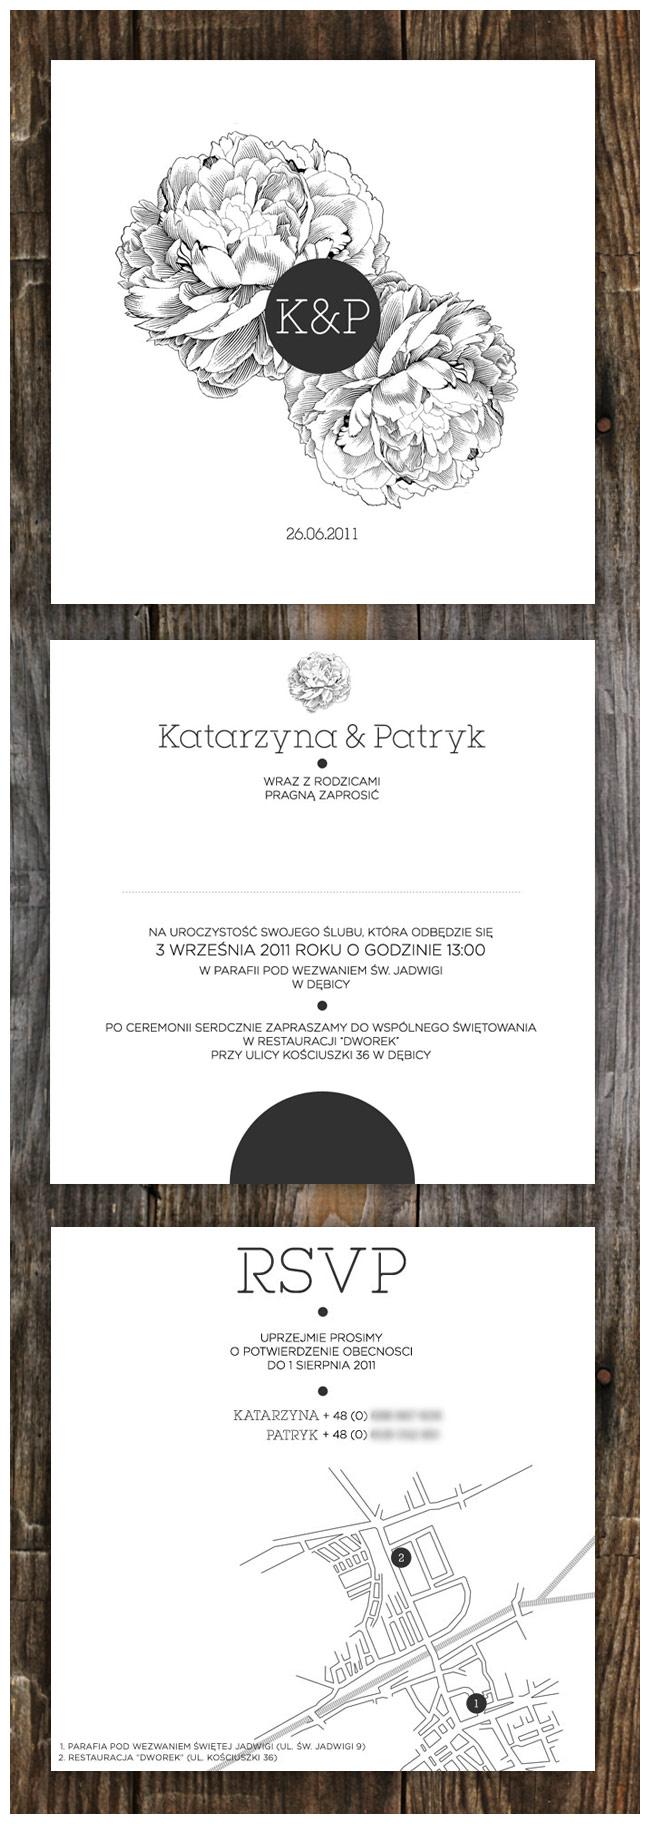 Katarzyna & Patryk – komplet poligrafii z peoniami